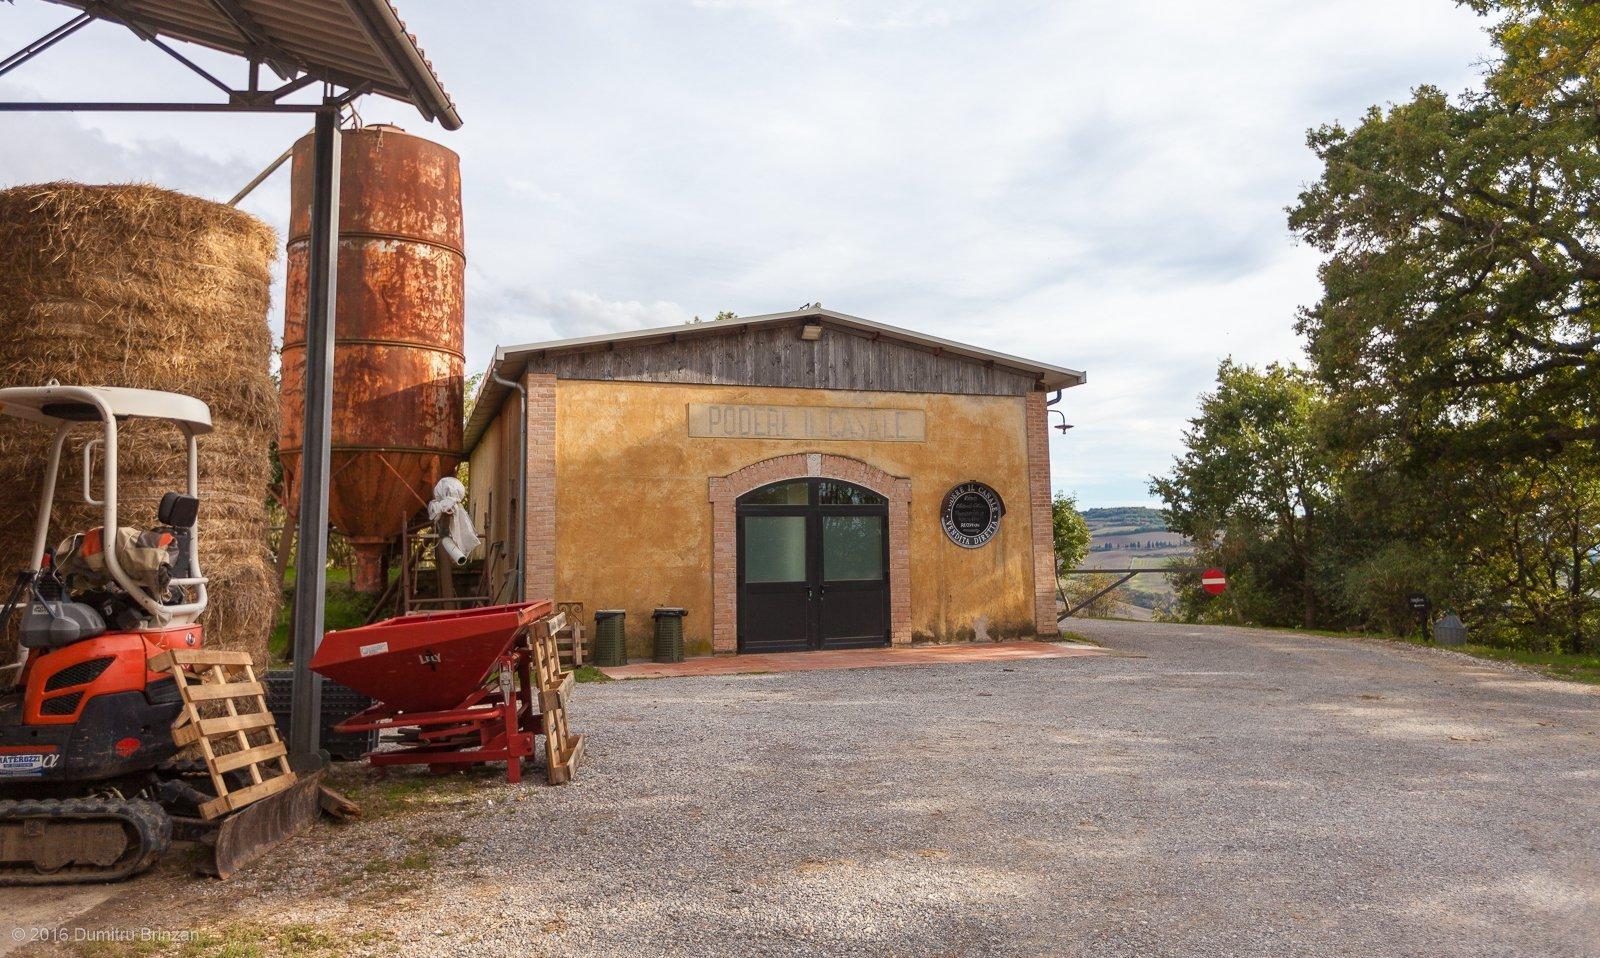 2016-podere-il-casale-pienza-6-entrance